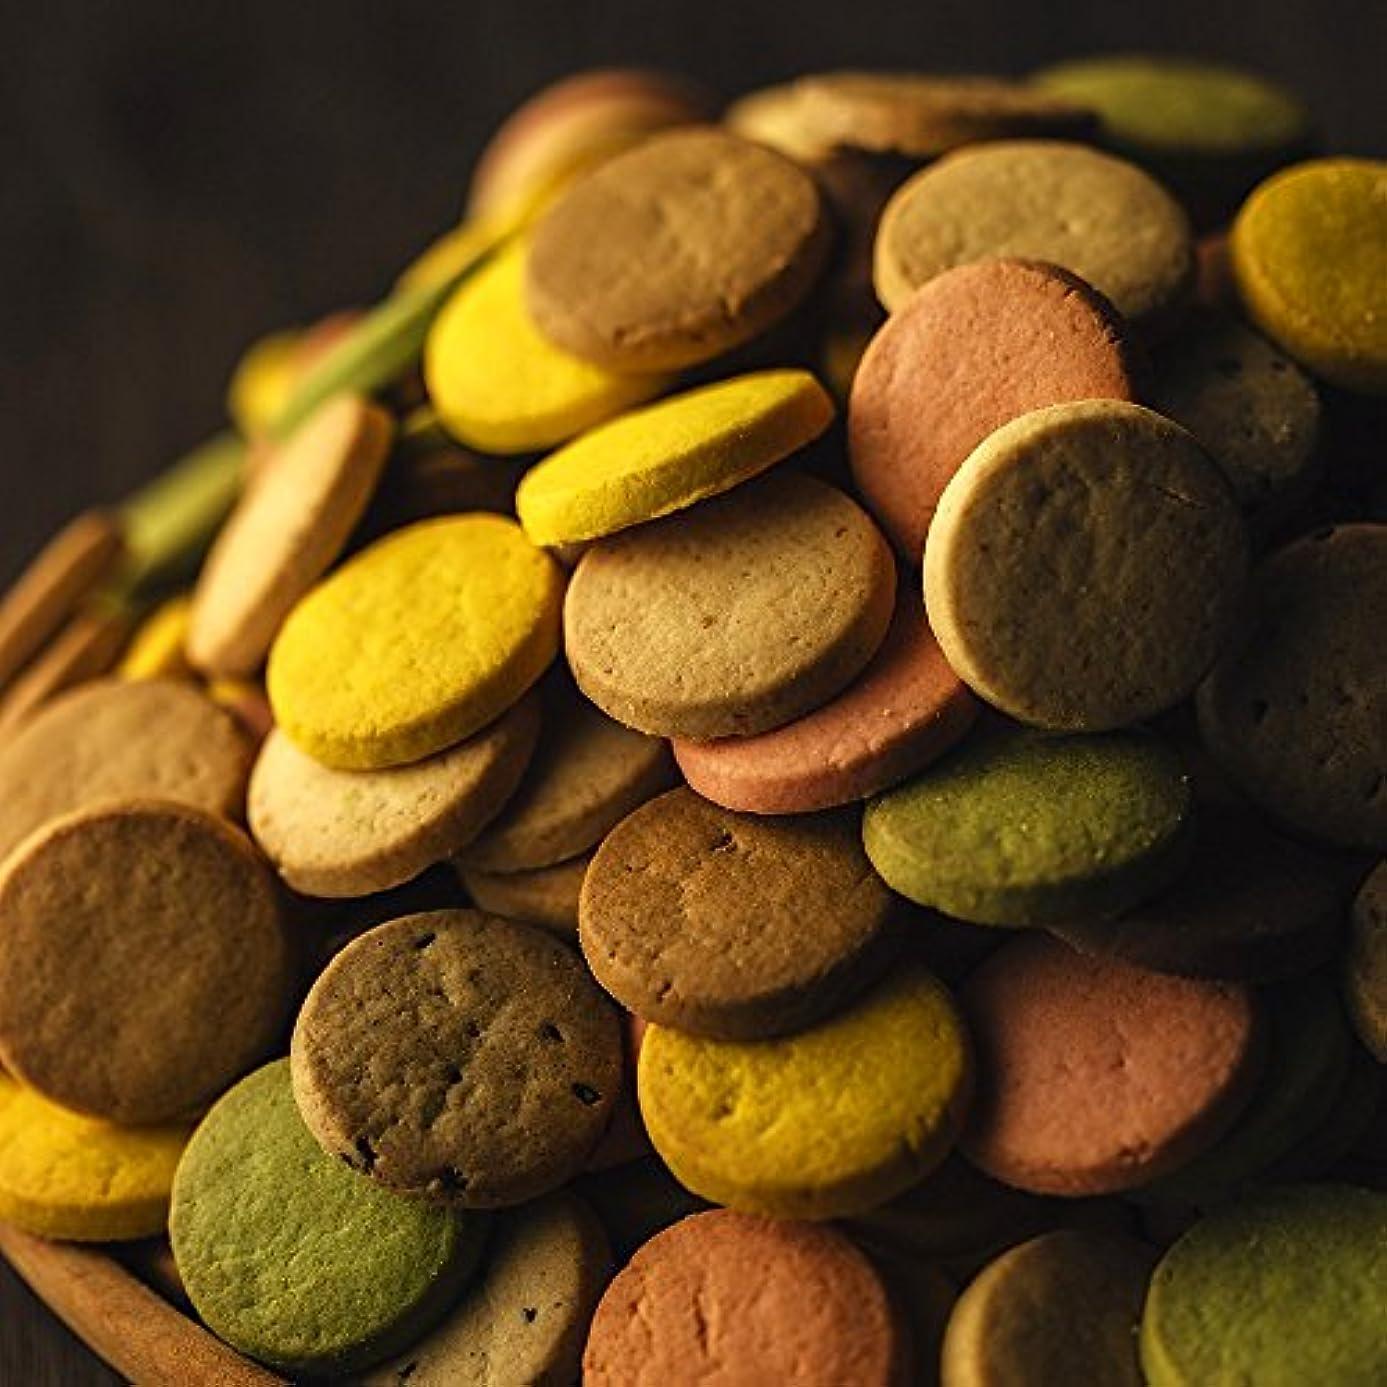 矛盾する急降下敬意を表して豆乳おからクッキー蒟蒻マンナン入り 2kg